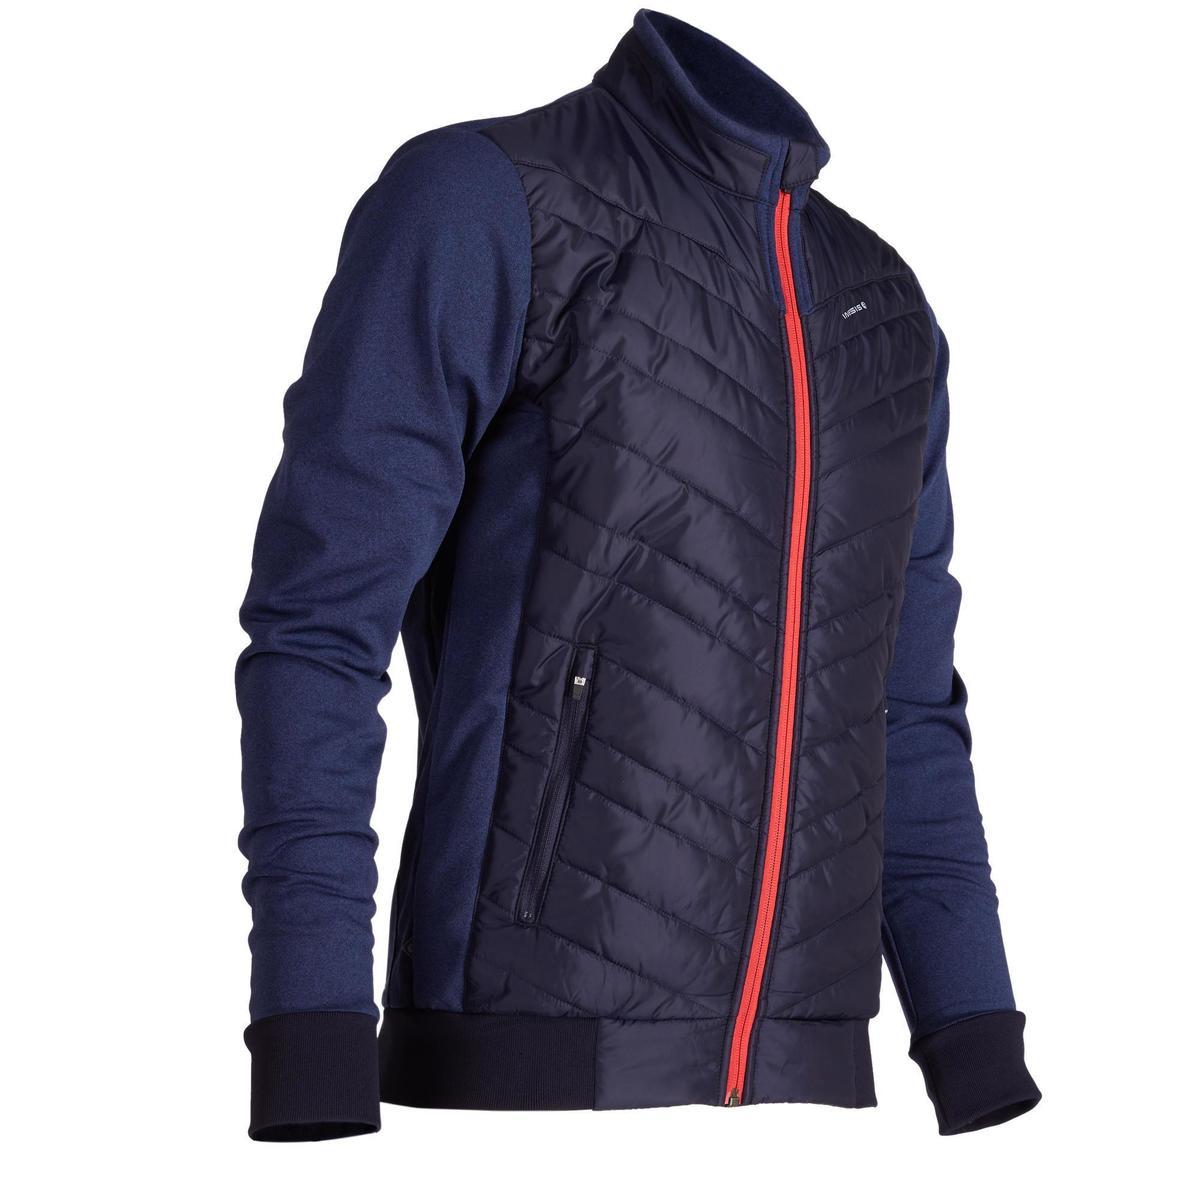 Bild 1 von Golf Wattierte Jacke Herren kühle Witterungen marineblau